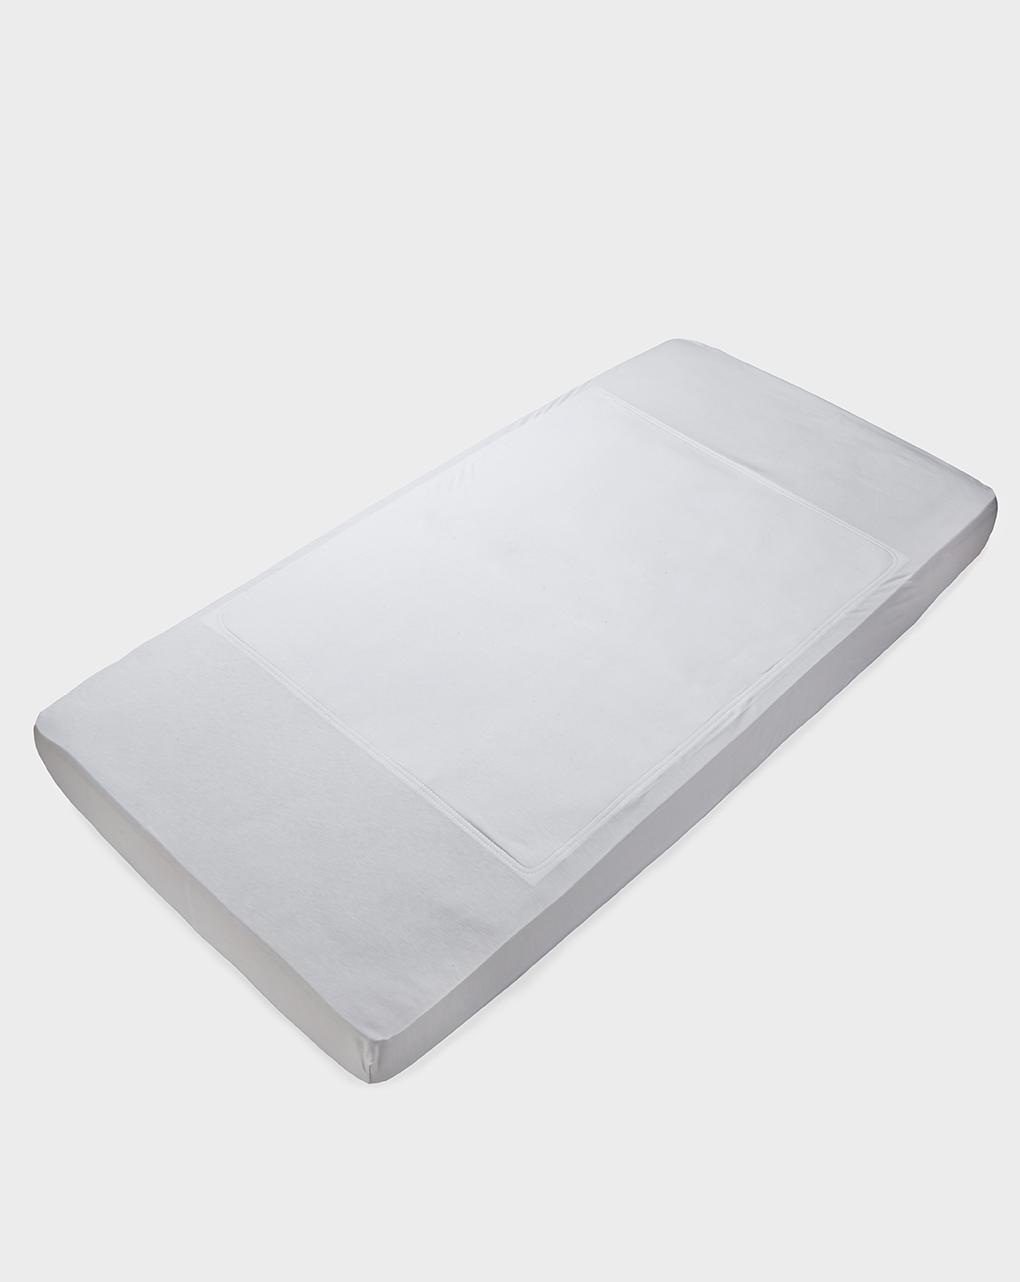 Giordani Προστατευτικό Κάλυμμα Στρώματος Με Γωνίες για κούνια 60x130